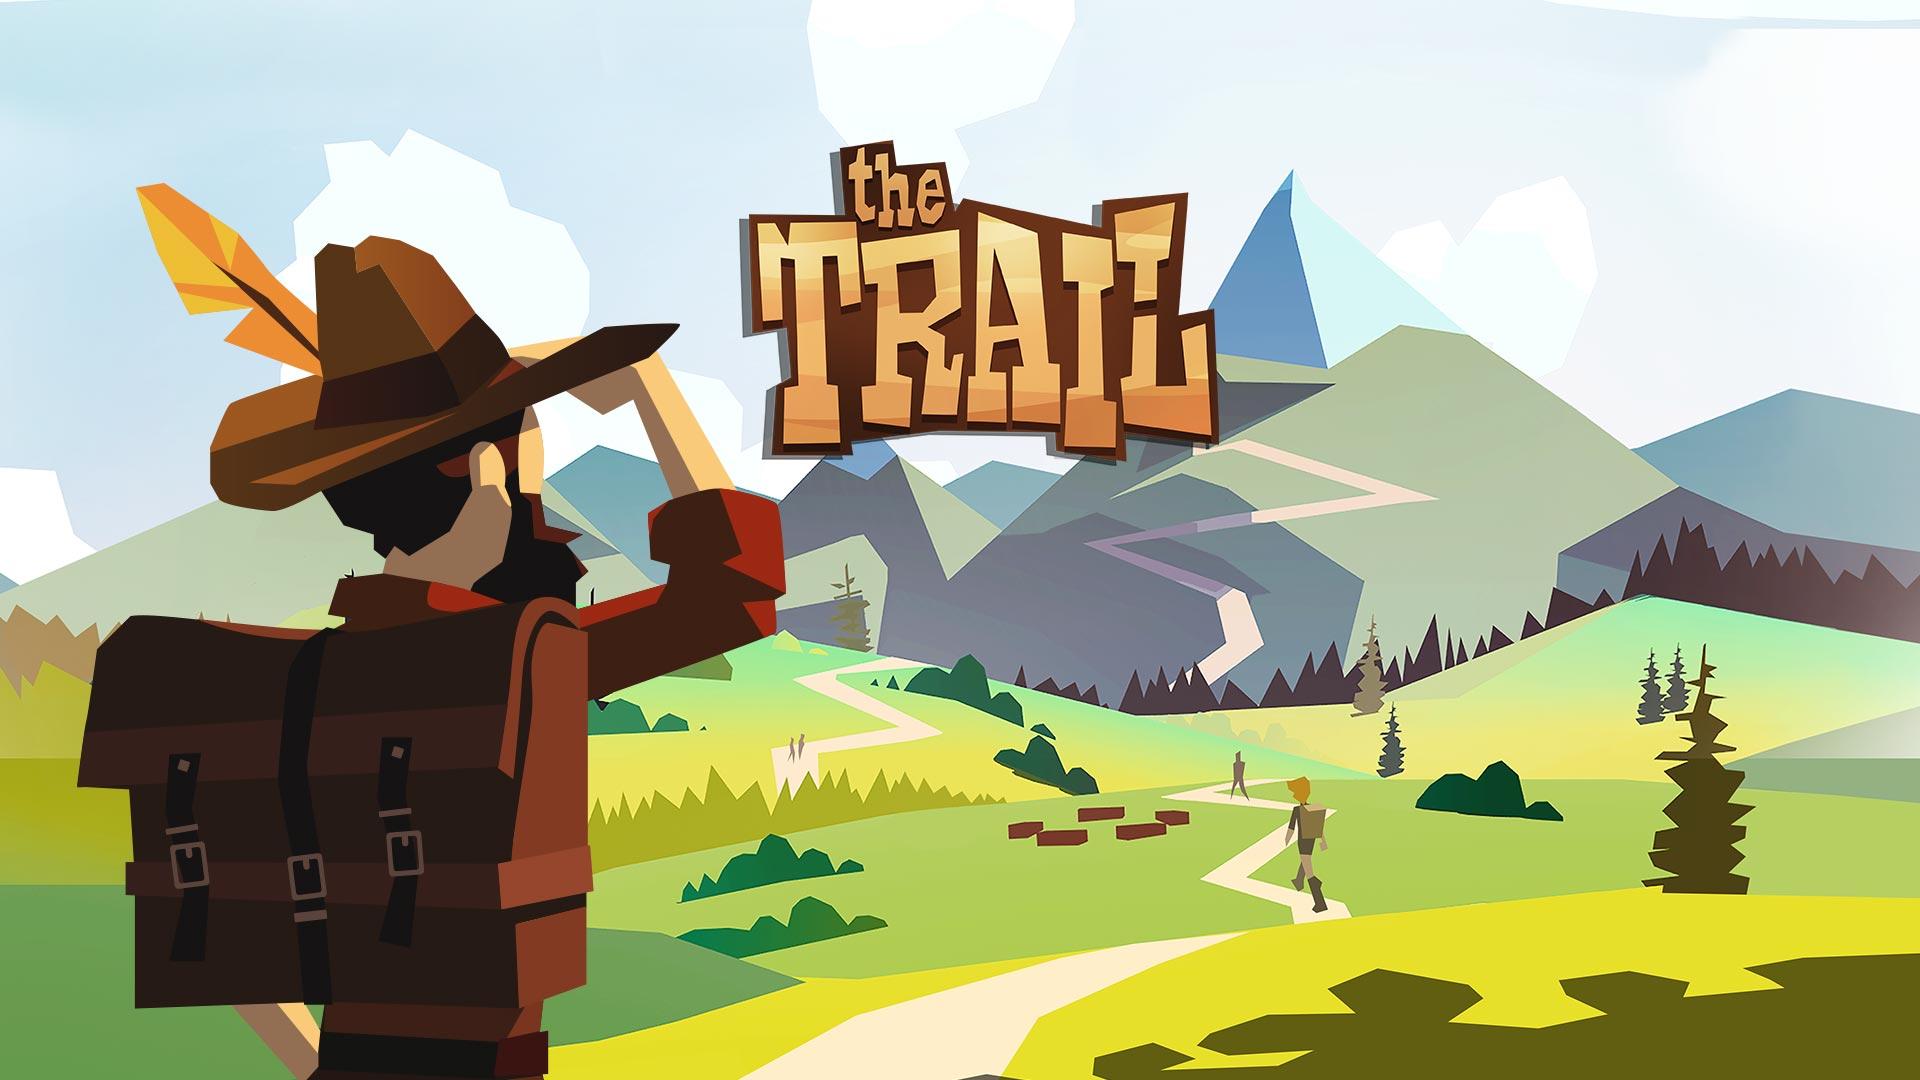 kongregate the trail